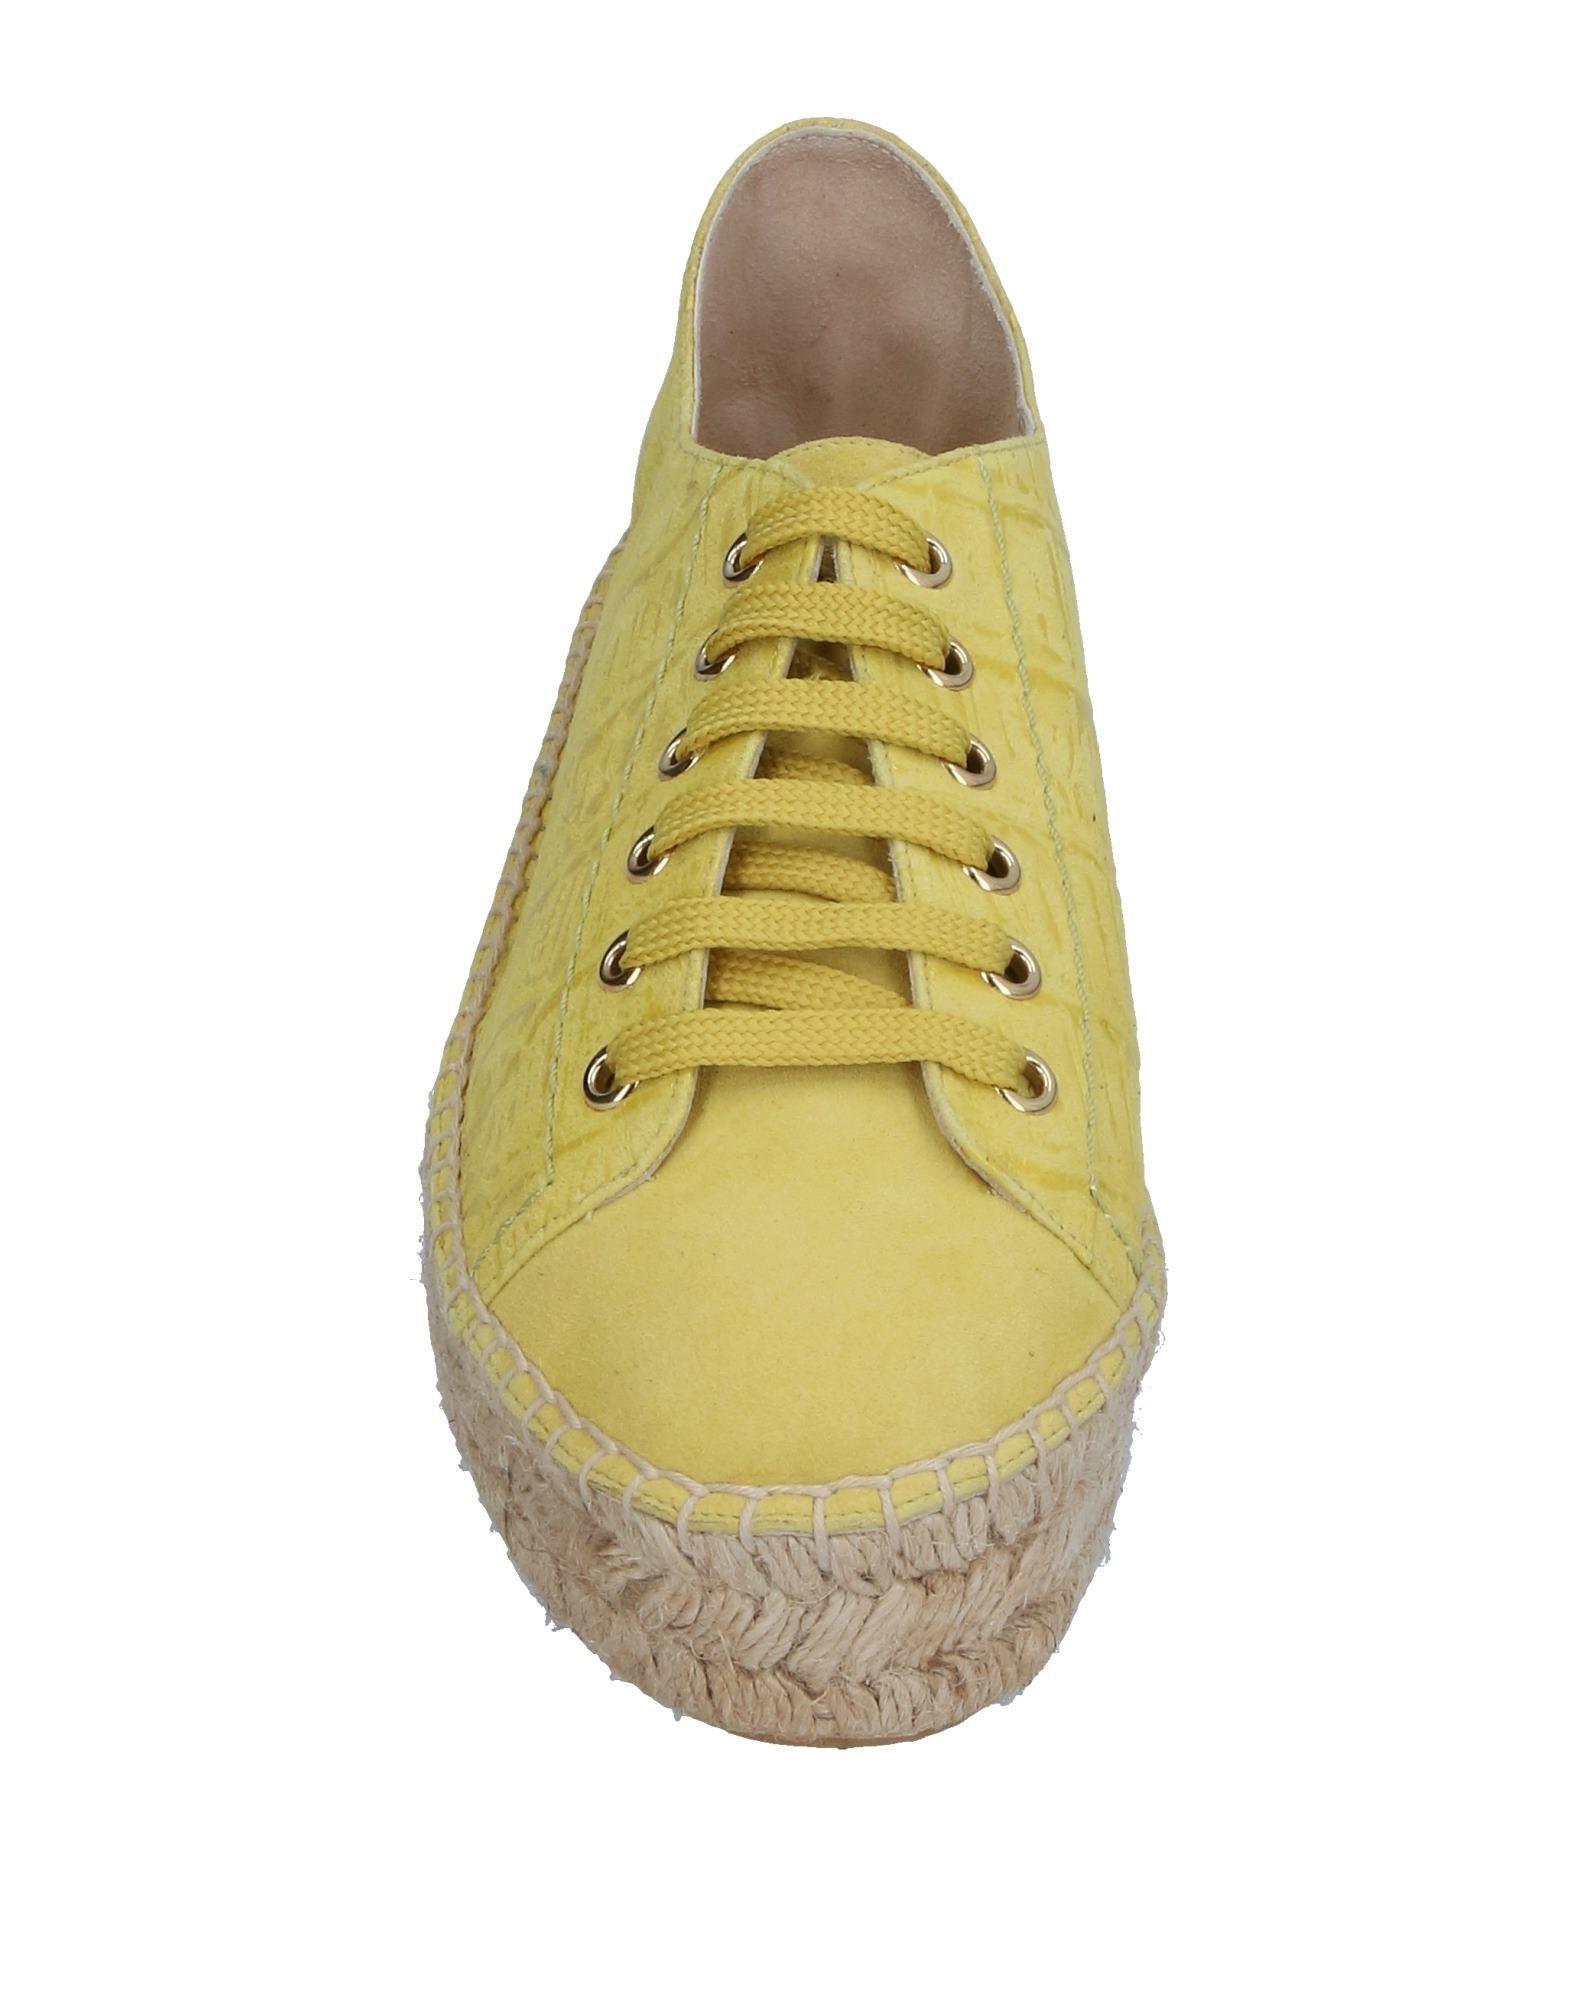 Sneakers La Corde Blanche 11371107CP Donna - 11371107CP Blanche 0b6c7b